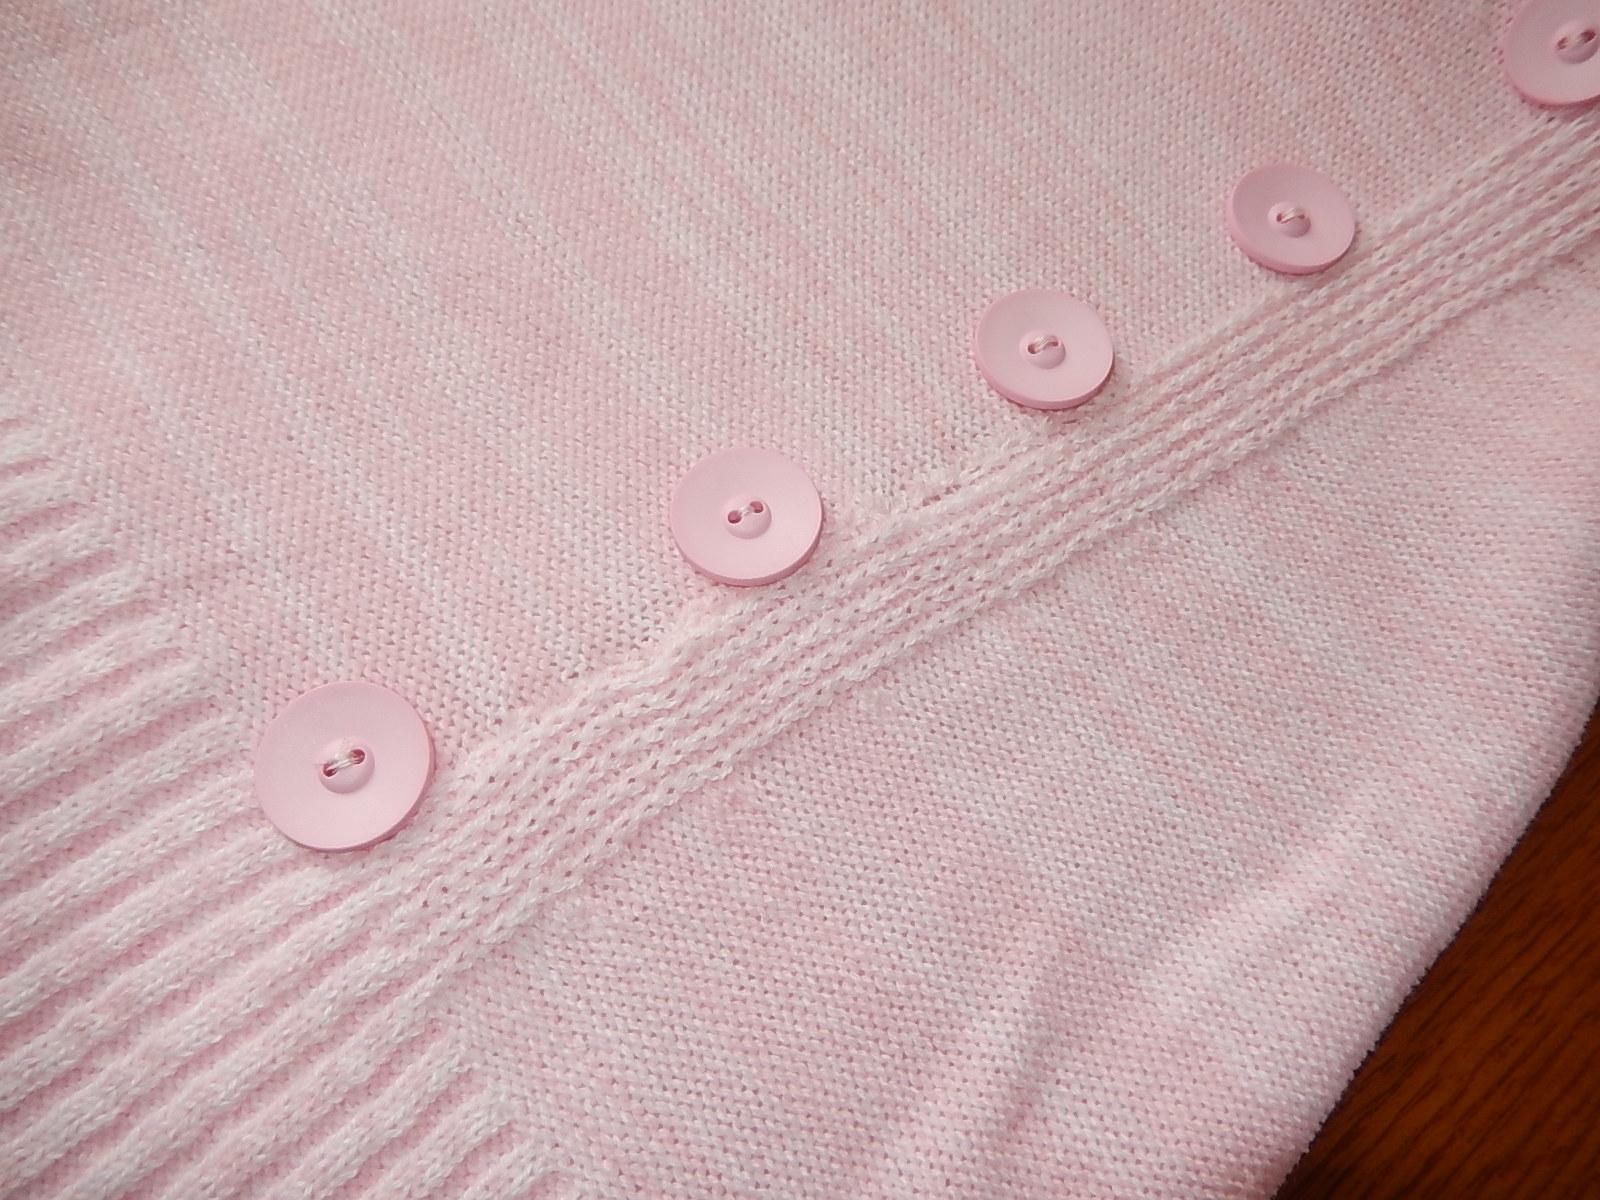 48714fb4a2b Kompletní specifikace · Související zboží (0). Luxusní dámský dlouhý svetr  ...